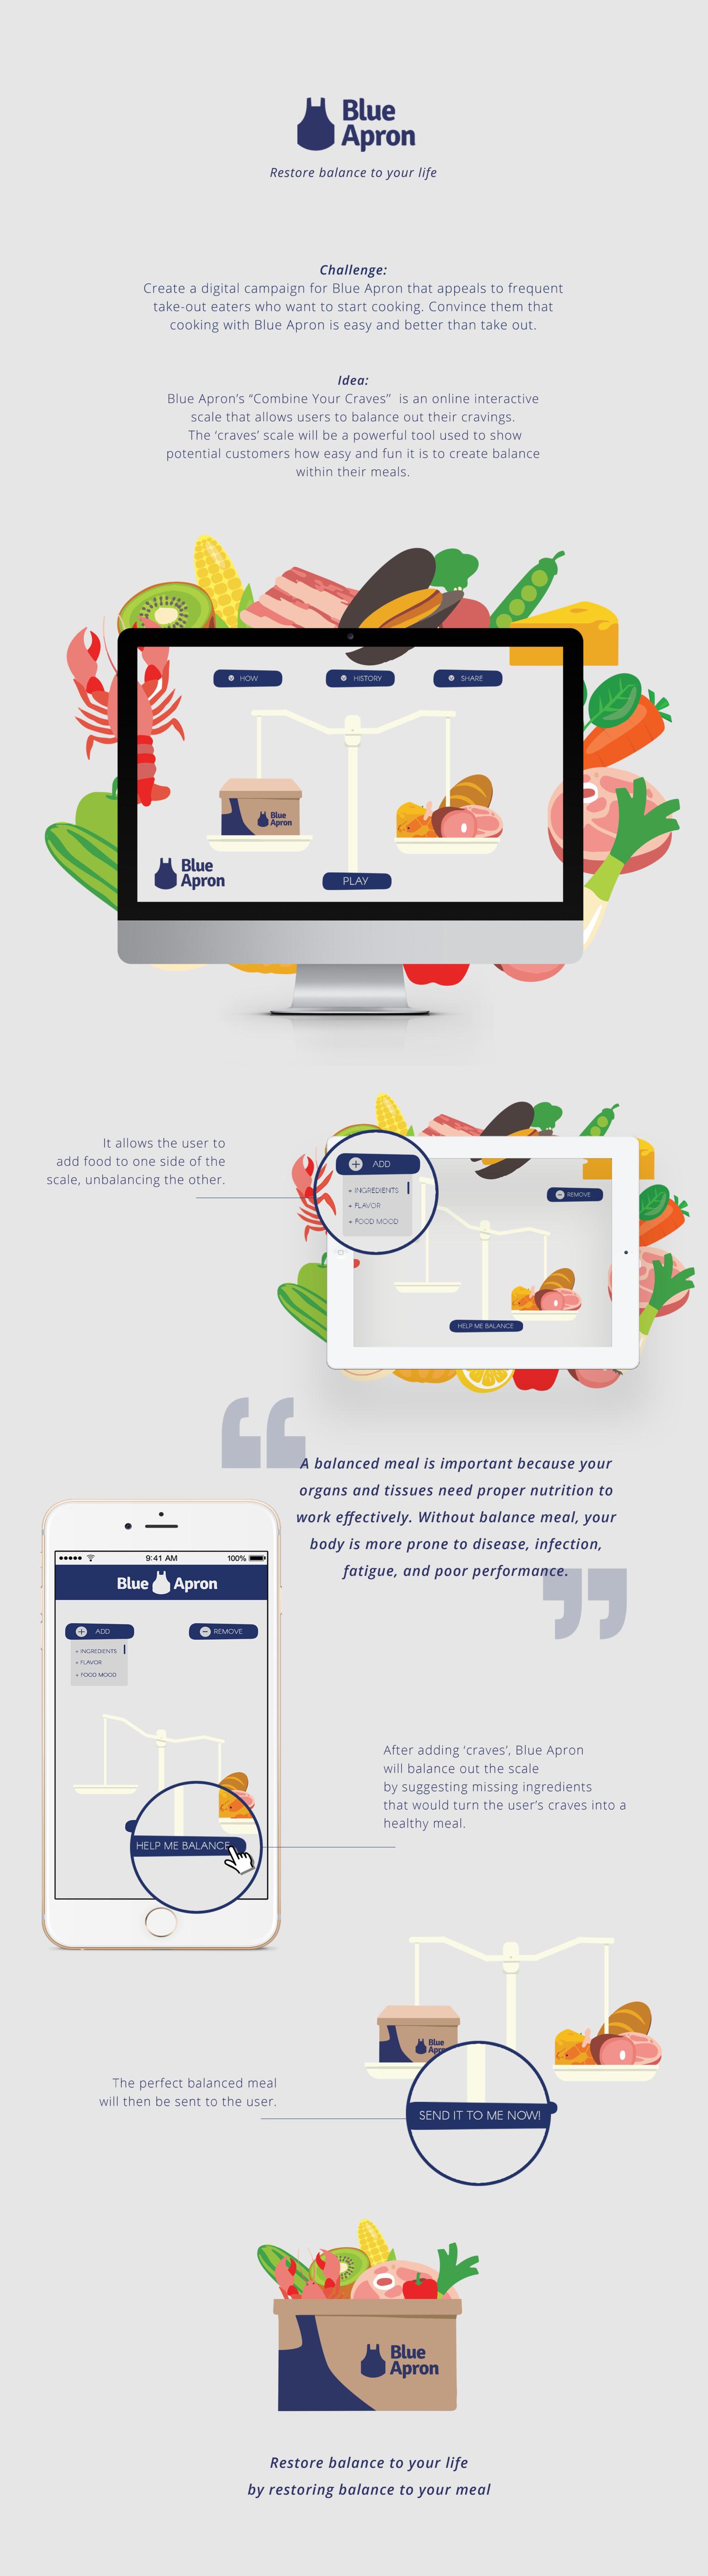 Blue apron users - Blue Apron Png Prev Next